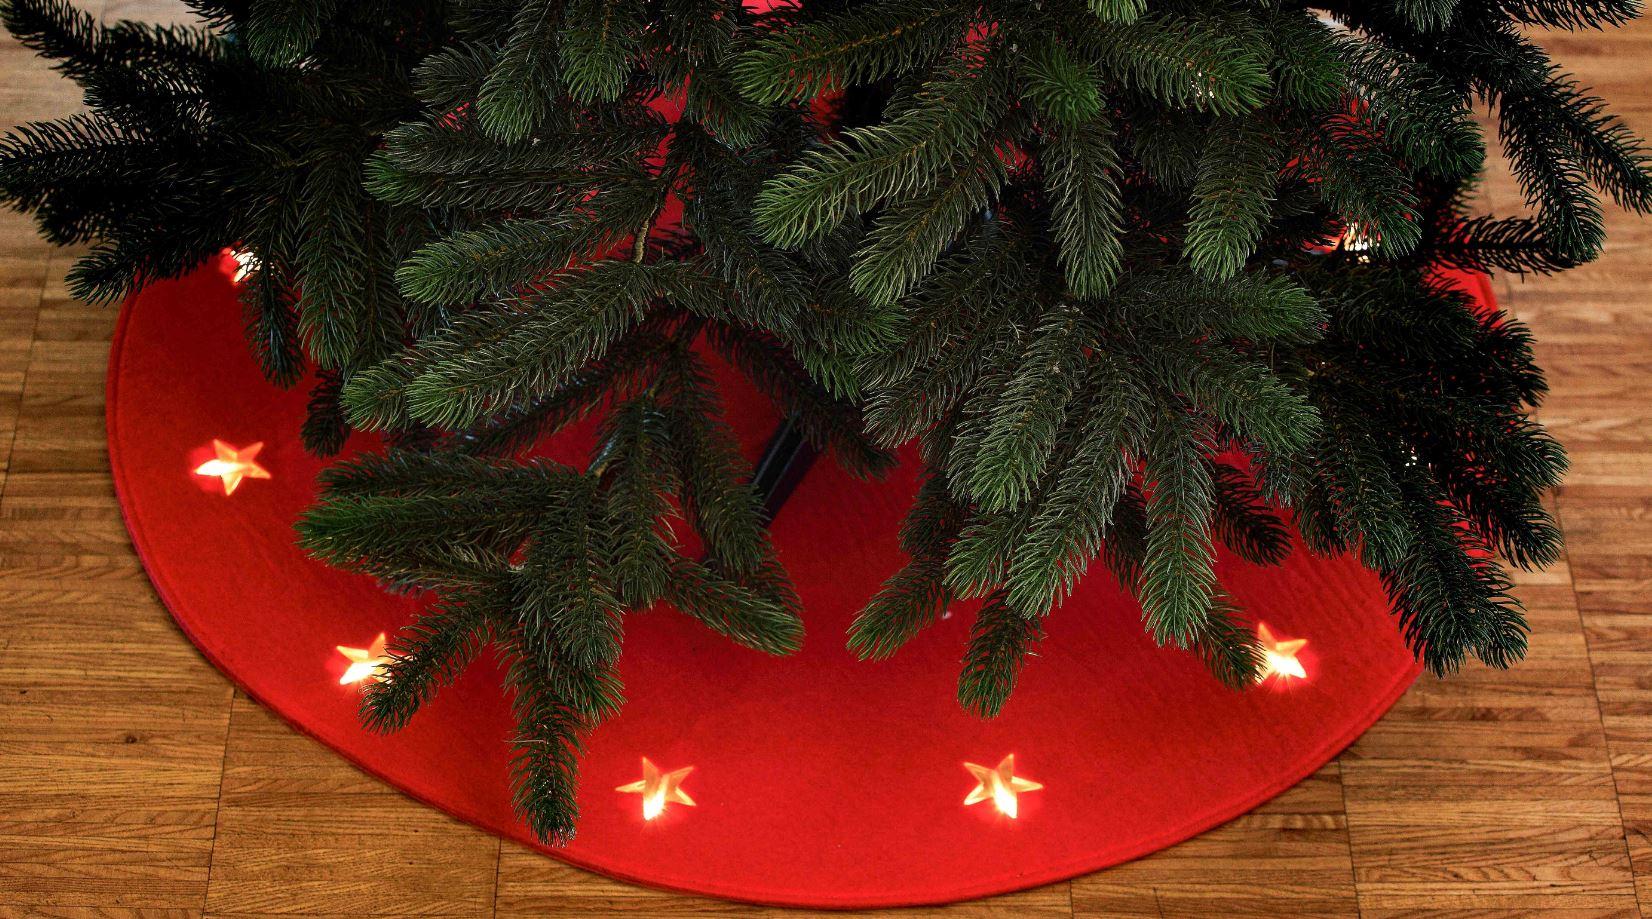 weihnachtsbaumunterlage unterlage f r weihnachtsbaum filz. Black Bedroom Furniture Sets. Home Design Ideas